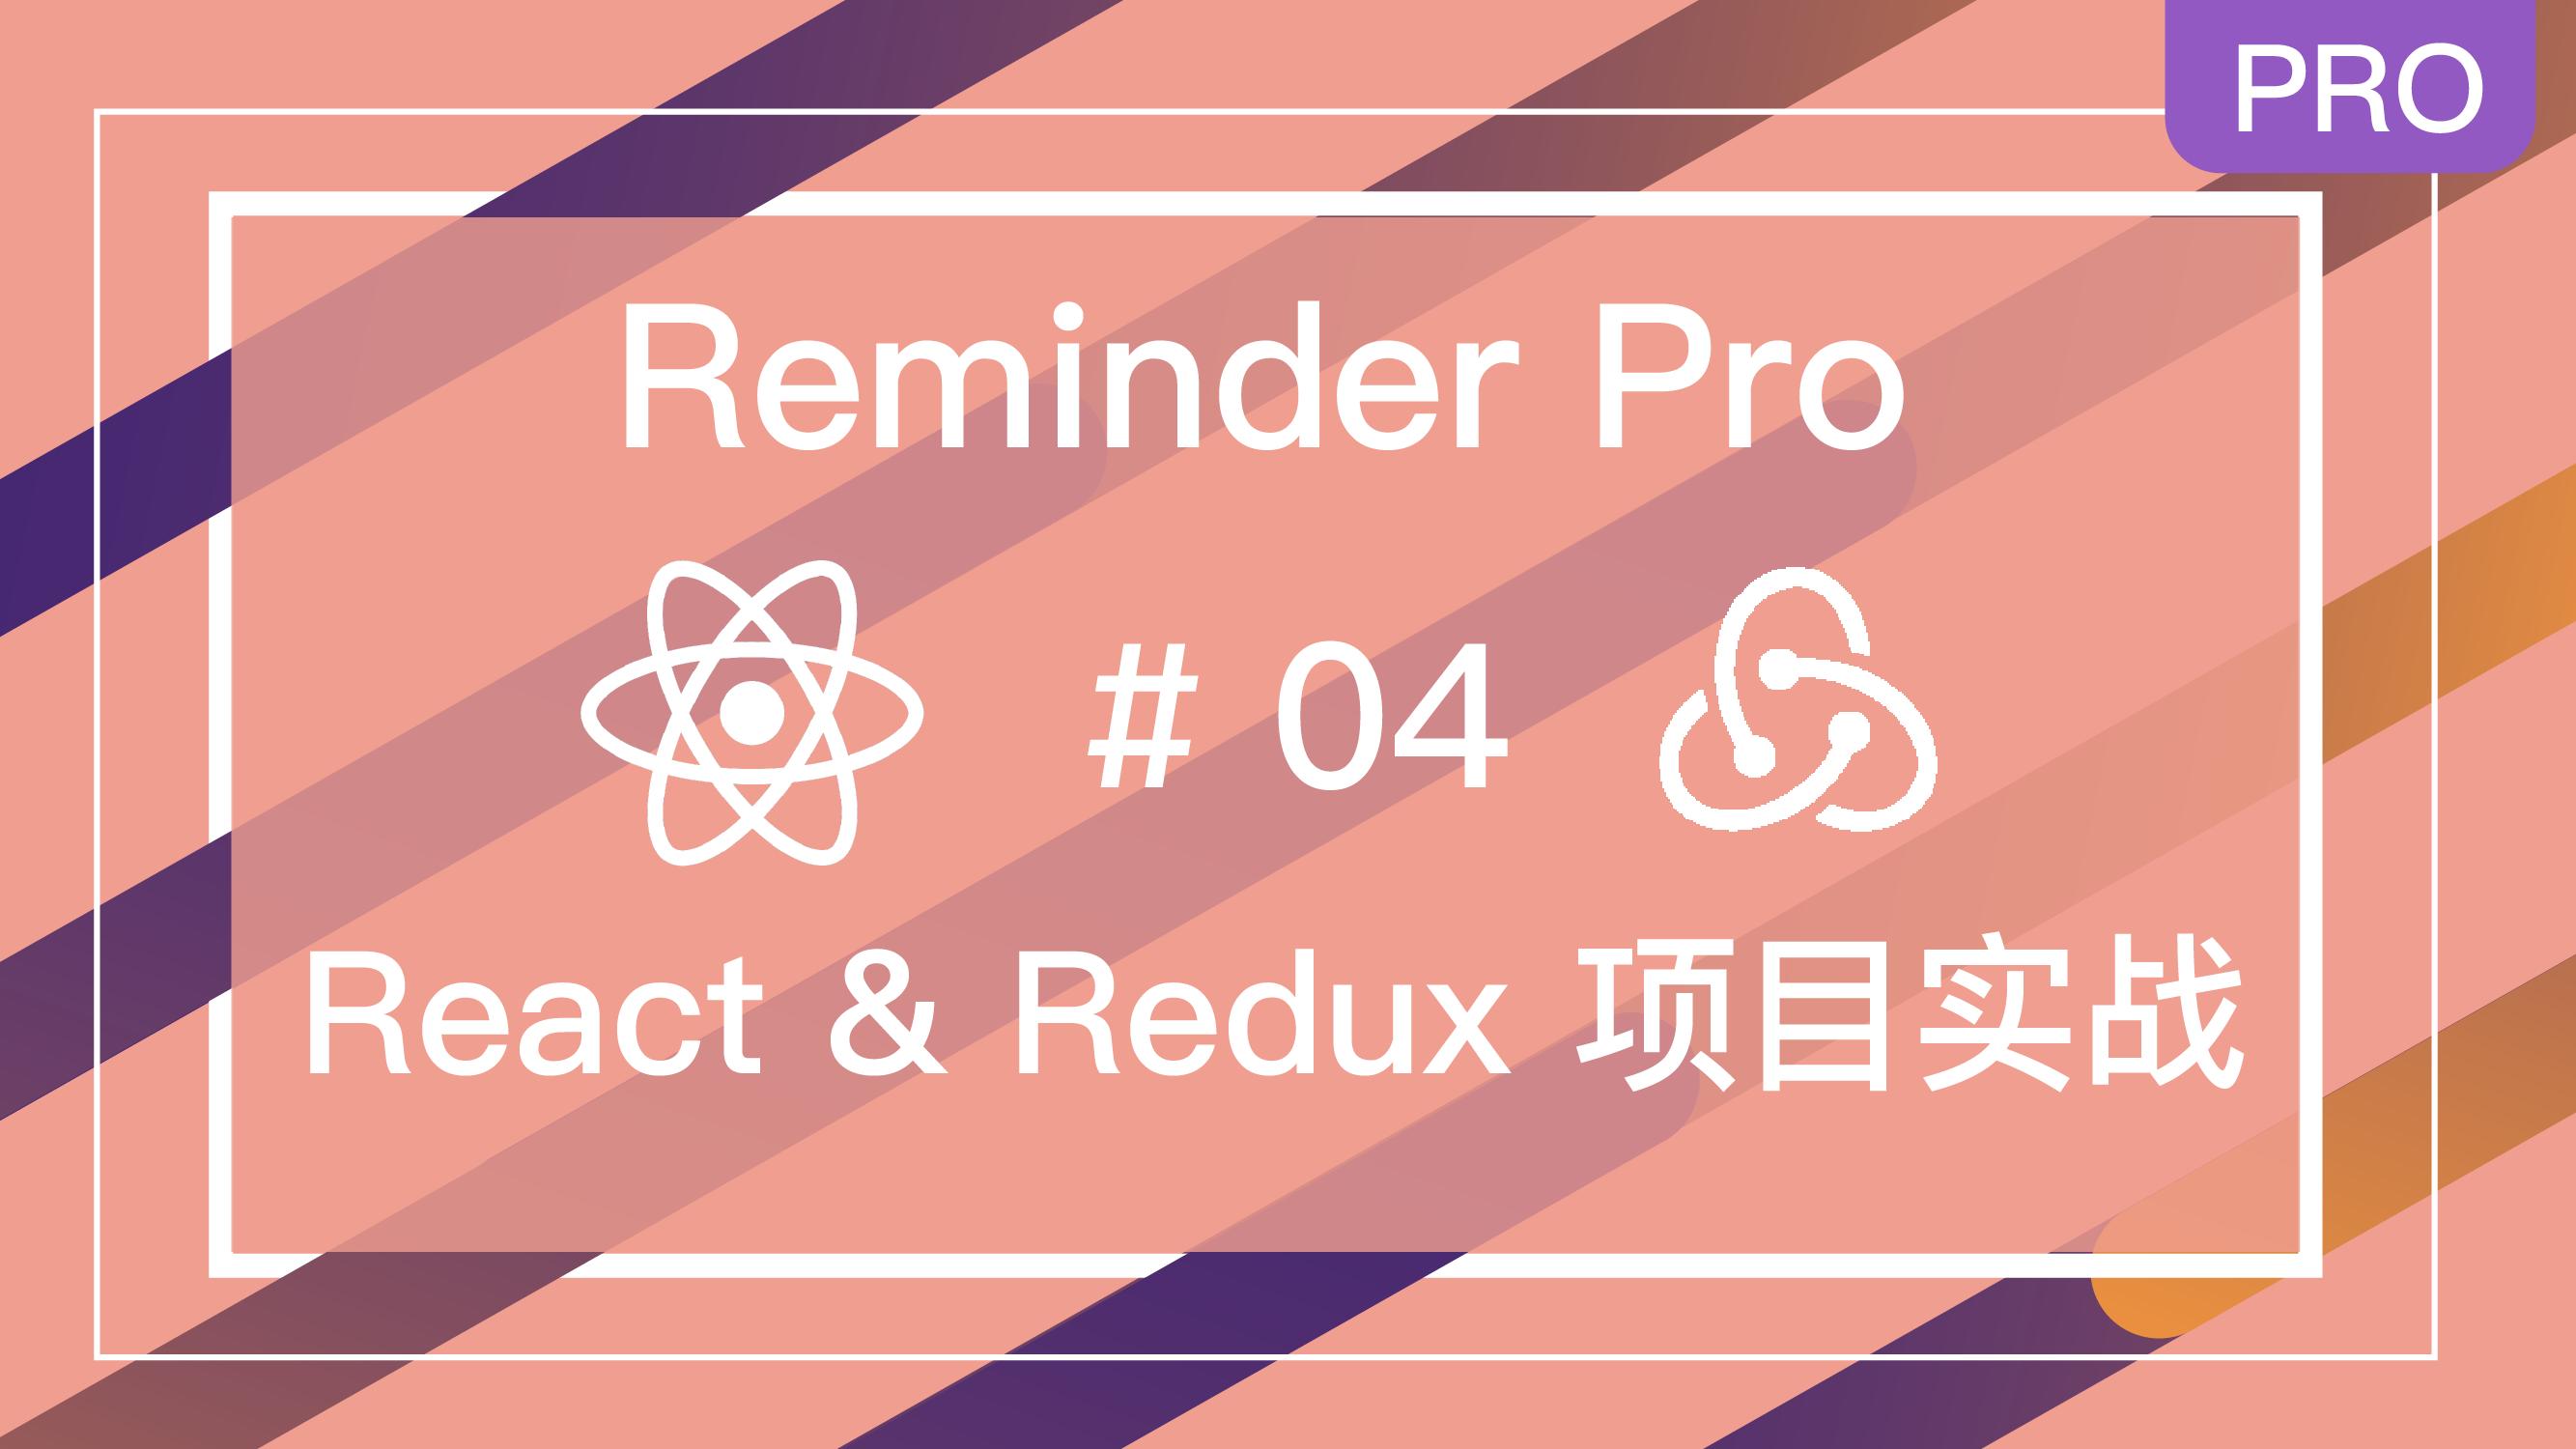 React & Redux 实战 Reminder Pro 项目 #4 删除 reminder